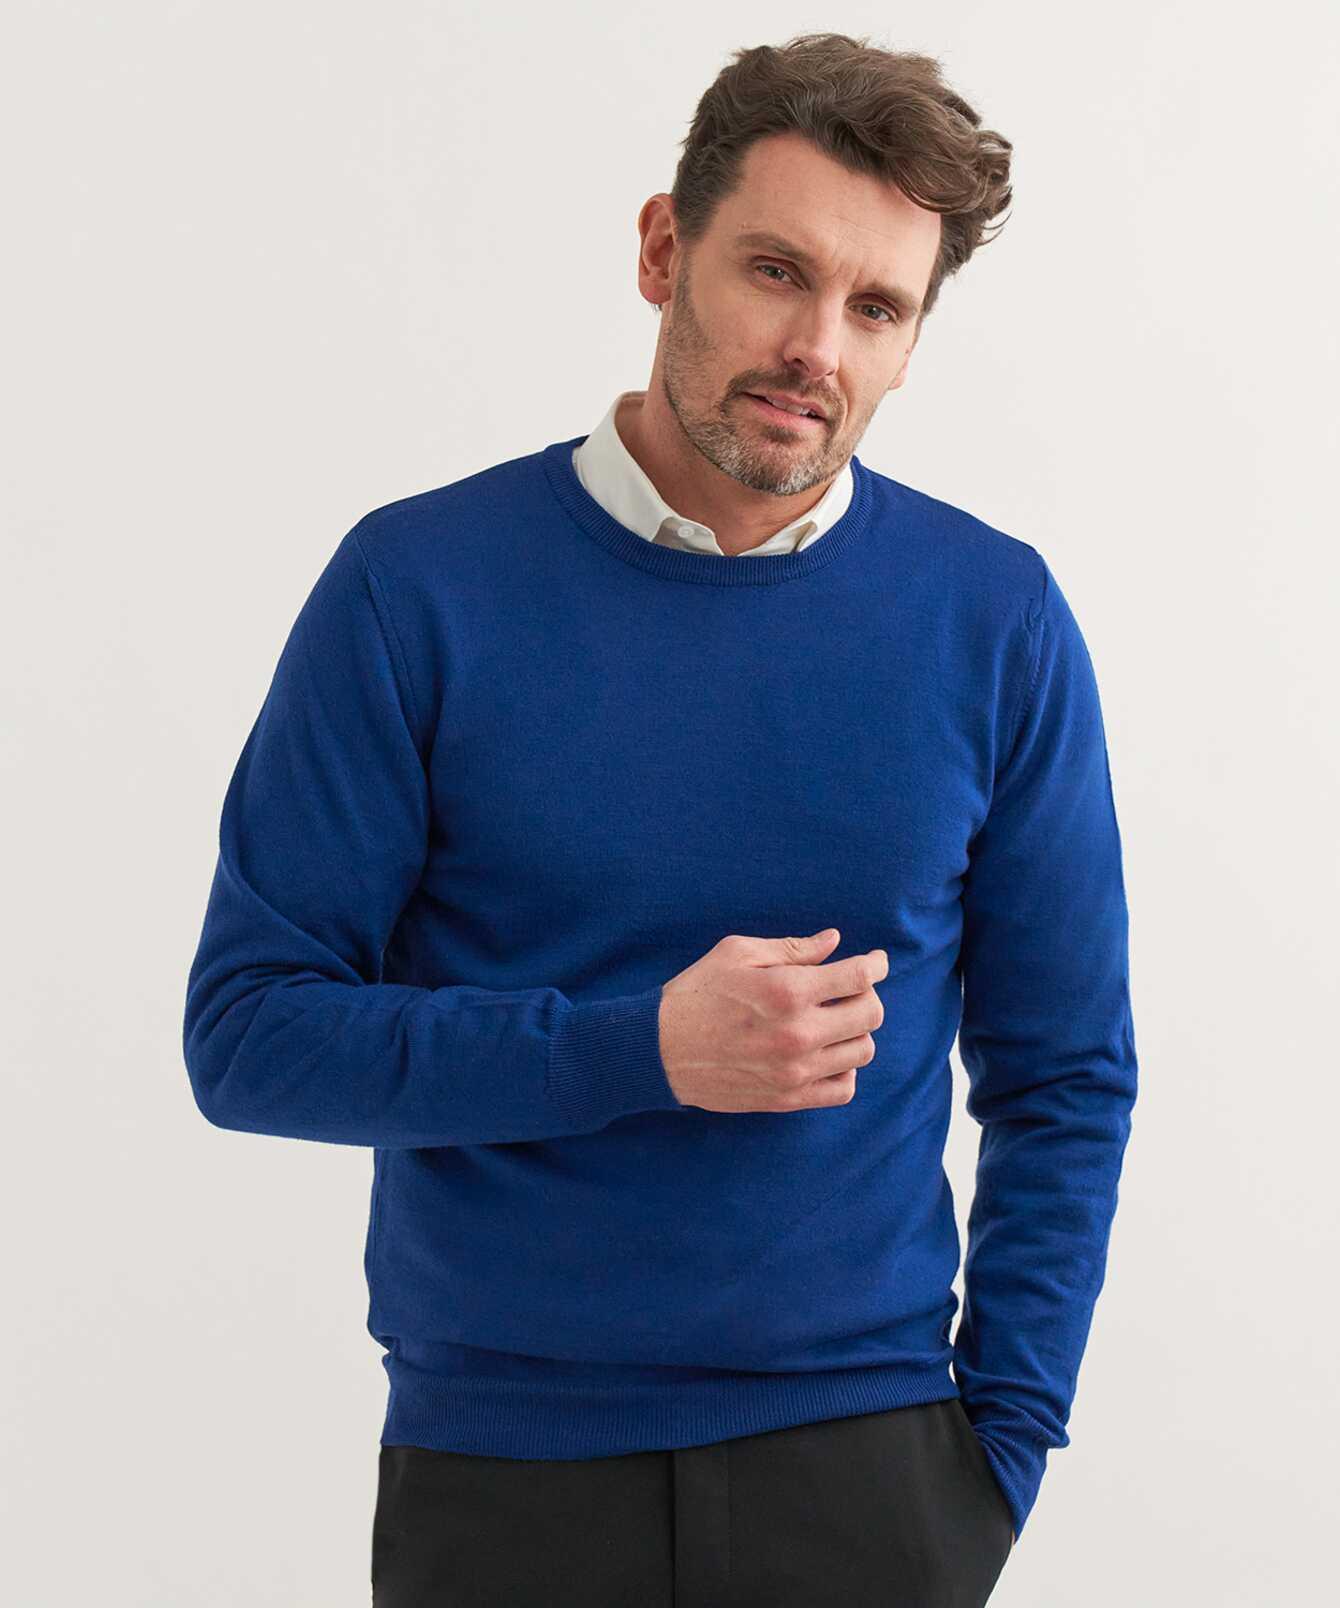 Skjorta Merinotröja Blå Rundringad The Shirt Factory